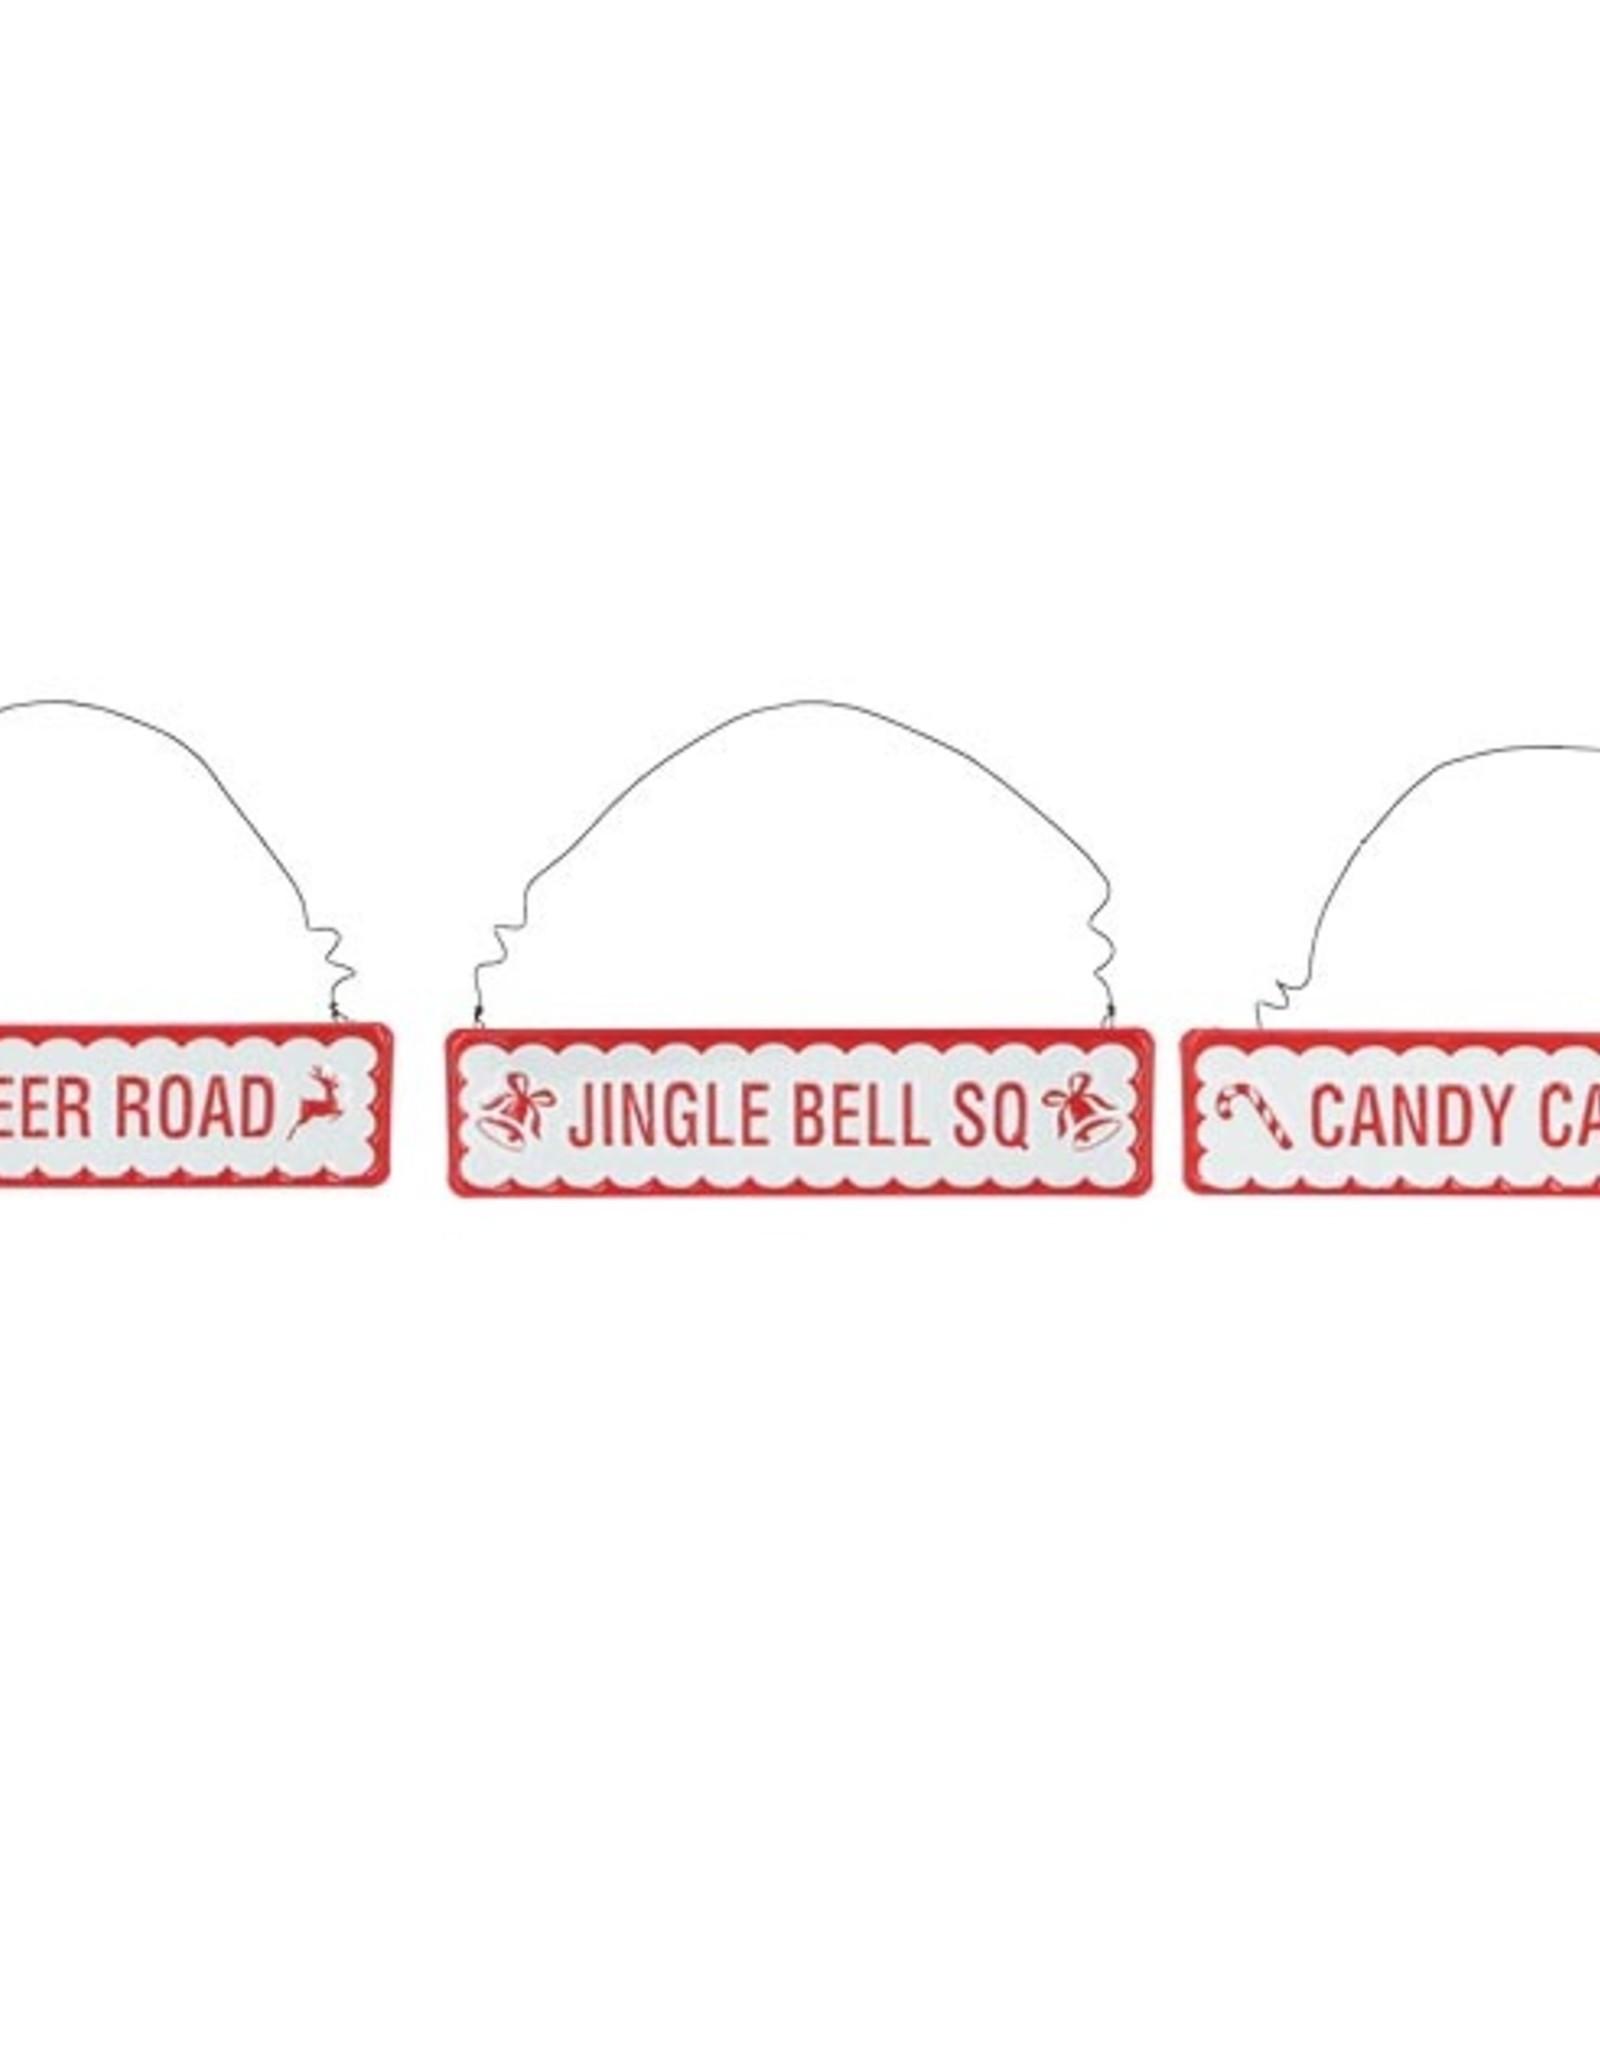 Wink Road Sign Ornaments